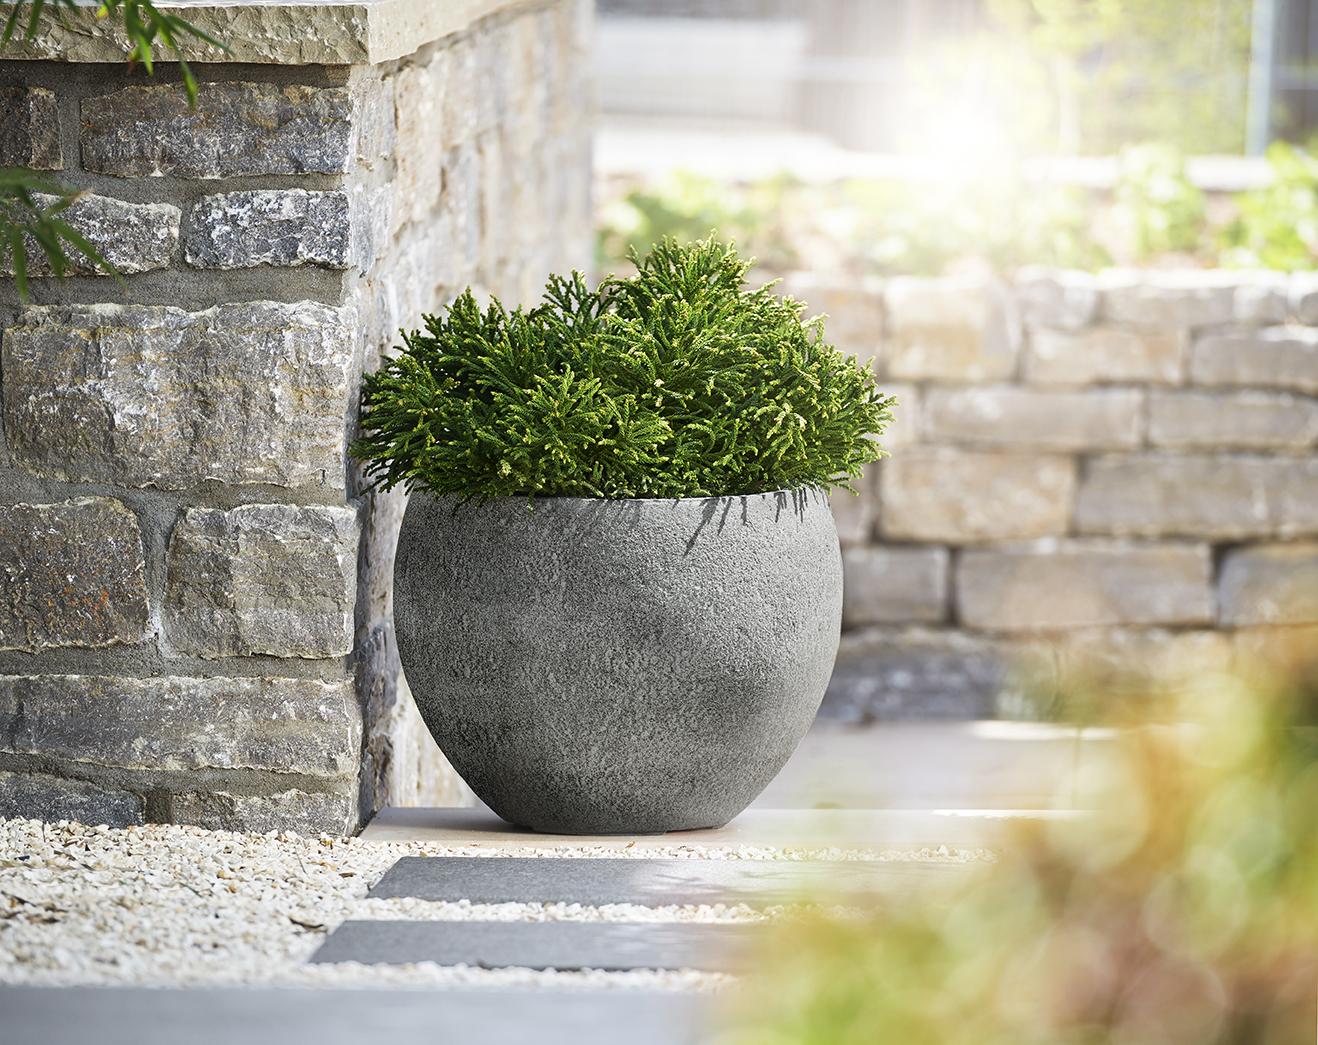 Garten mit einem Pflanzgefäß